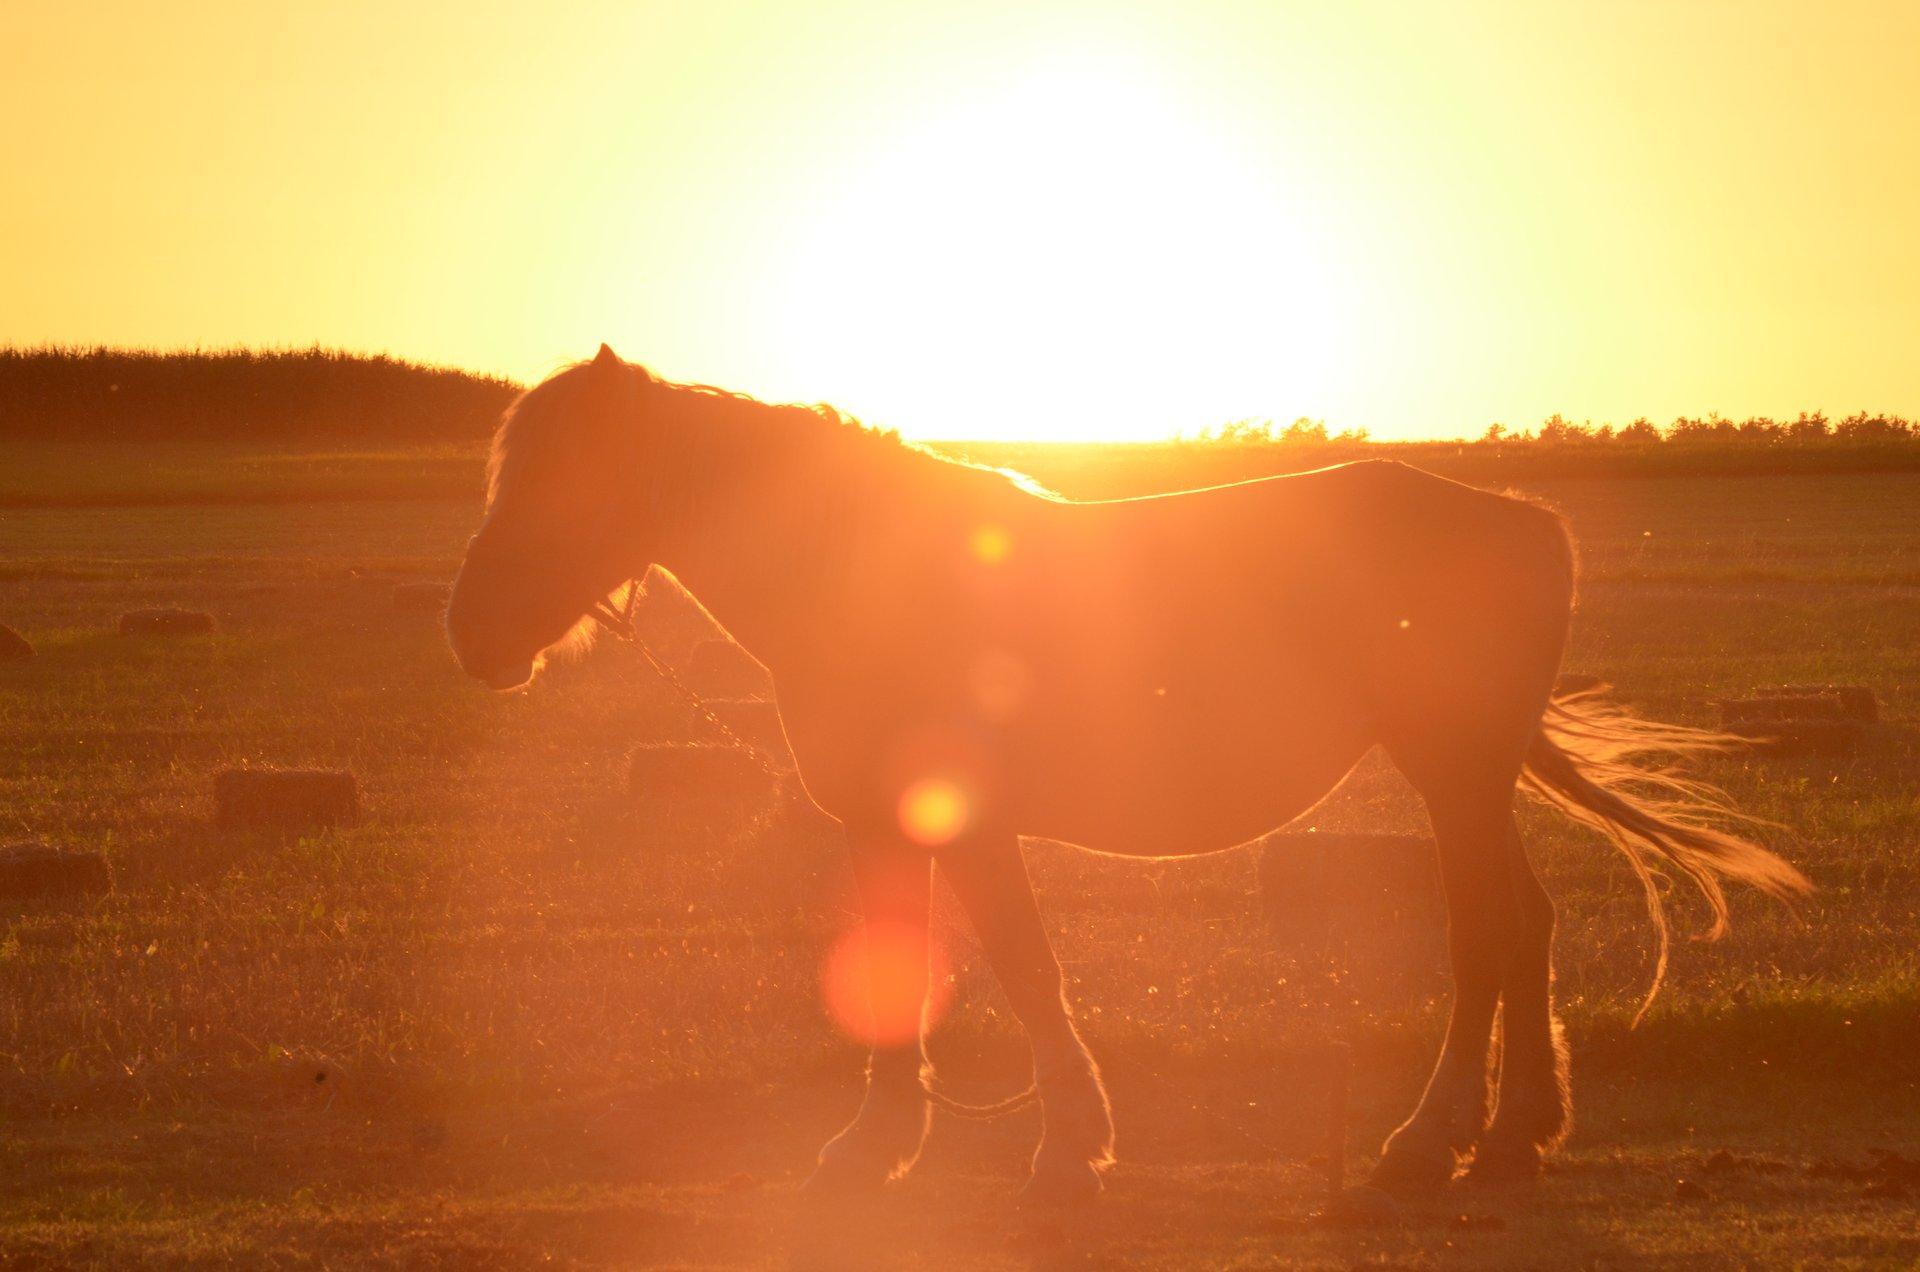 koń zwierzęta zachód słońcafree photo darmowe zdjęcie